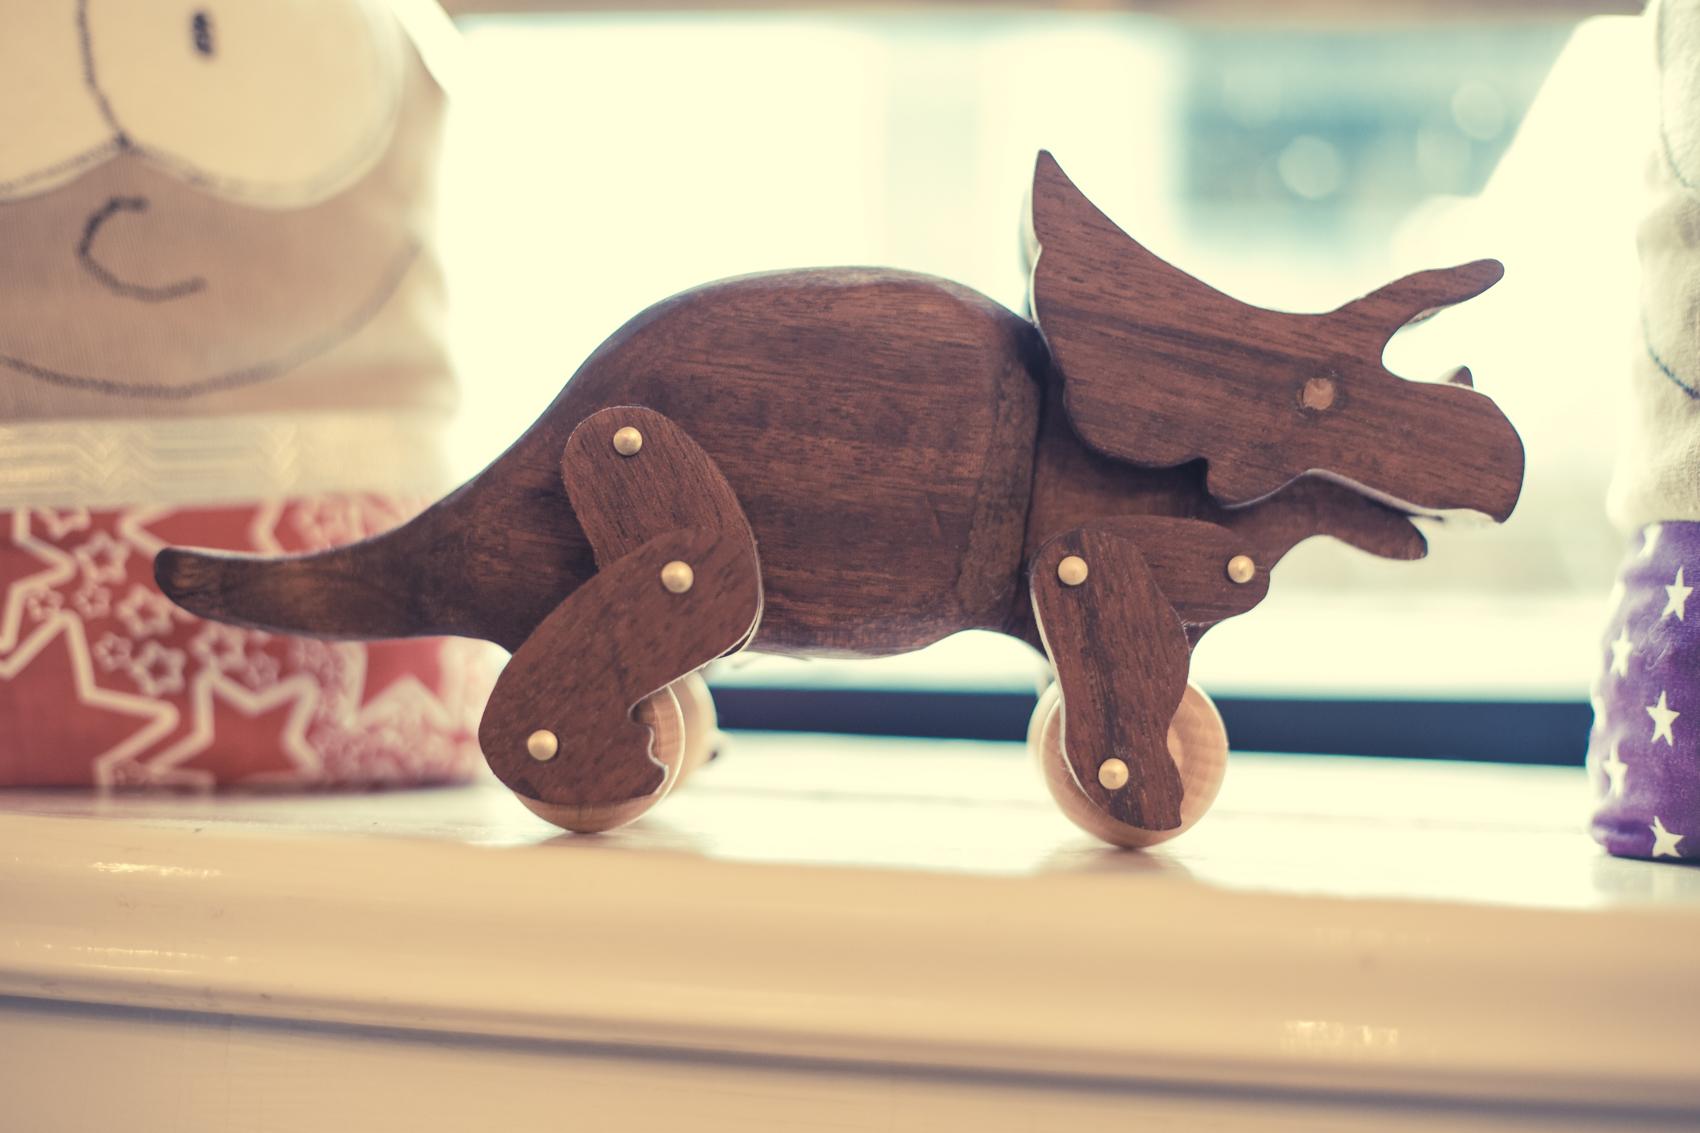 Grrrow! Der kleine Triceratops tut keinem was. Er wurde von einem örtlichen Designer handgefertigt.